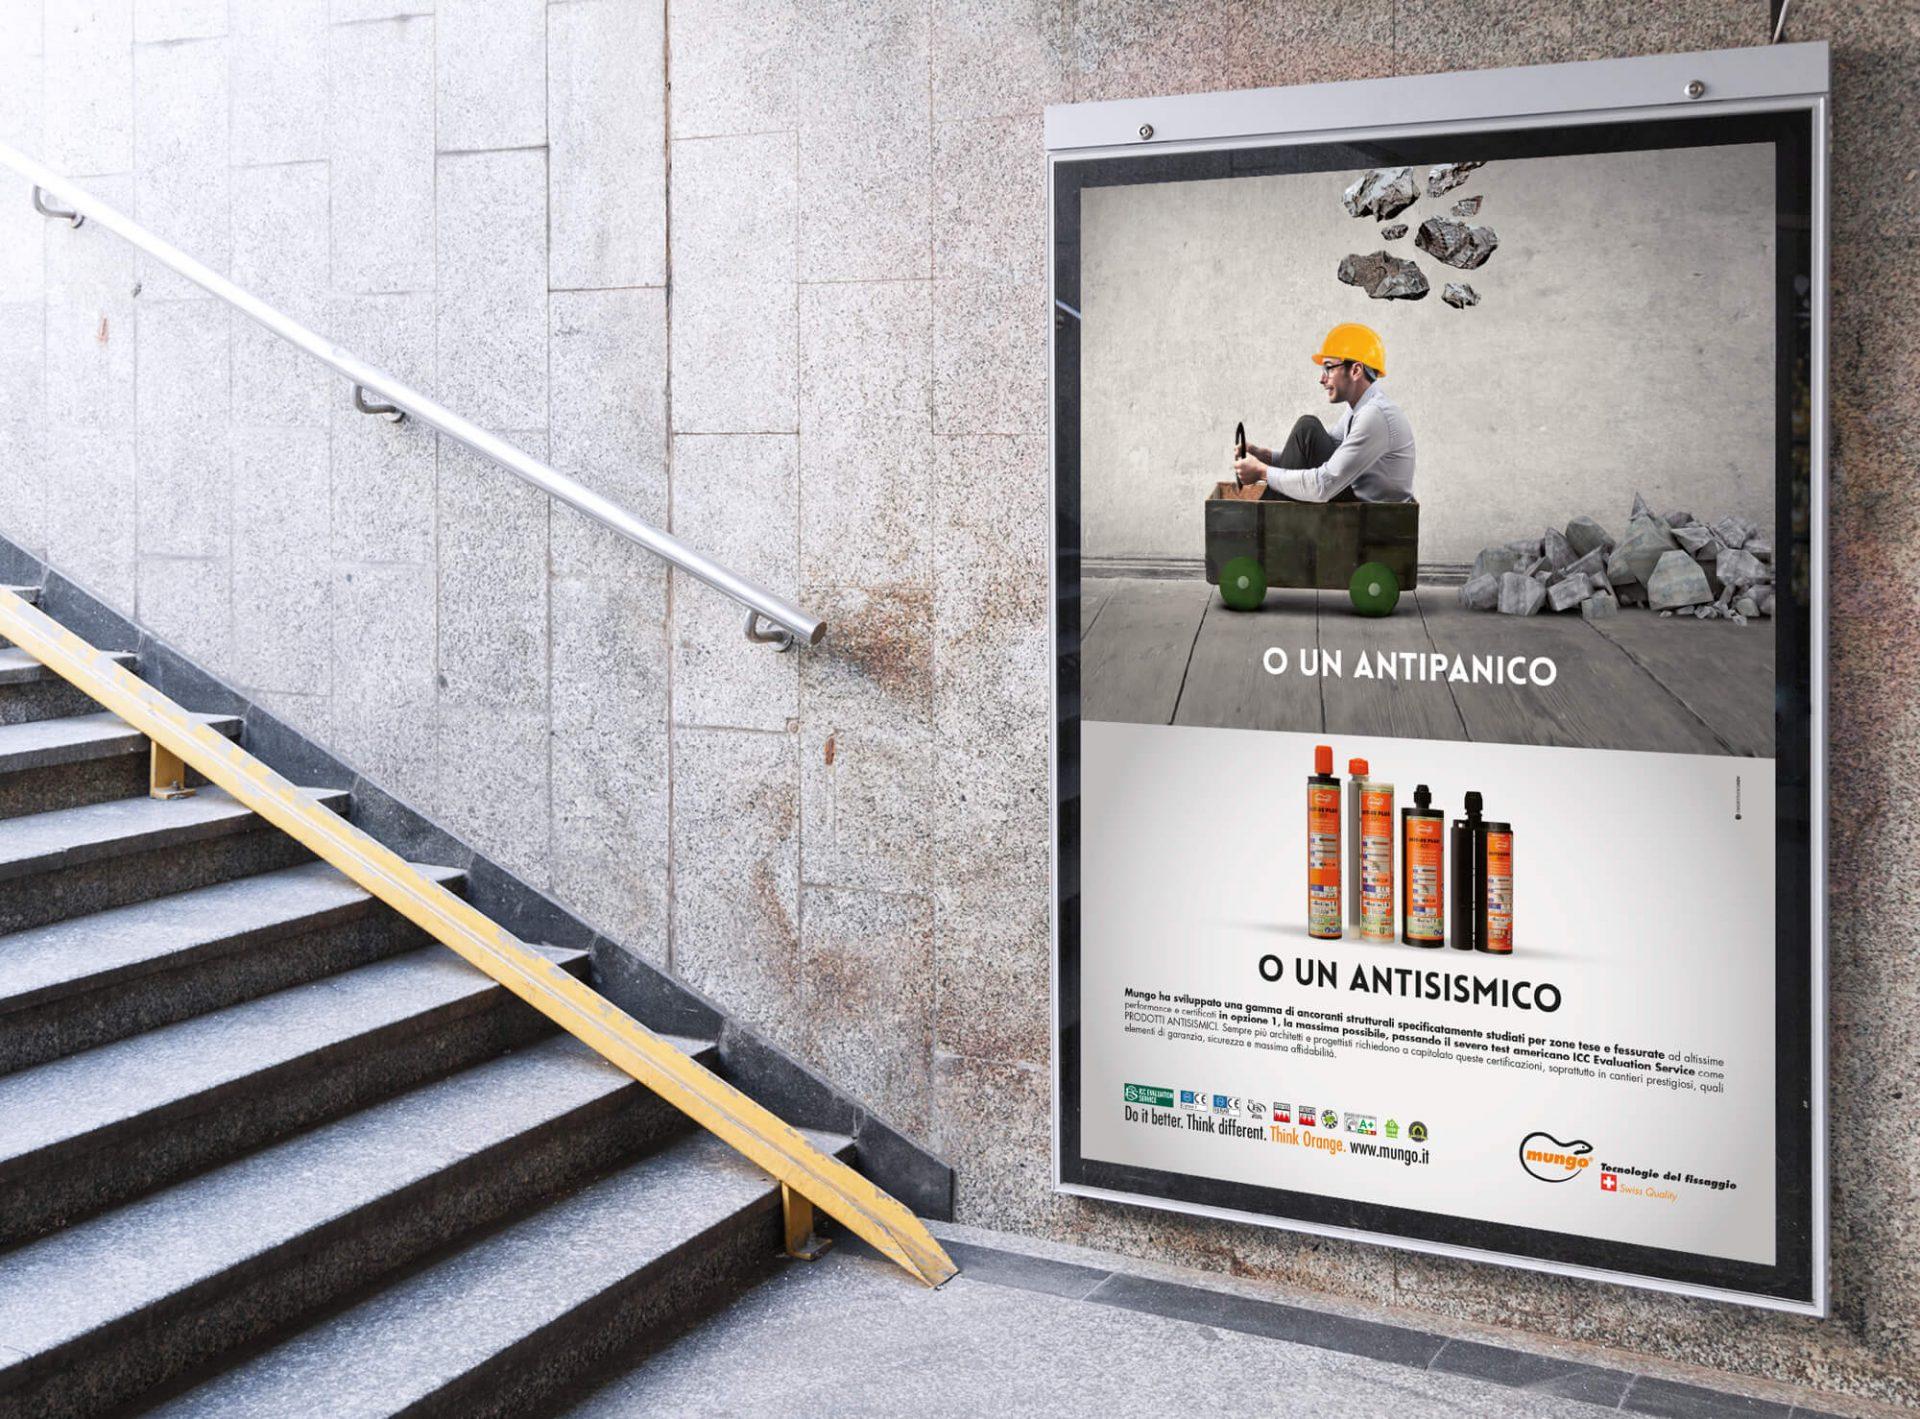 dettaglio campagna affissioni mungo italia, curata dalla agenzia di comunicazione diade studio arco di trento